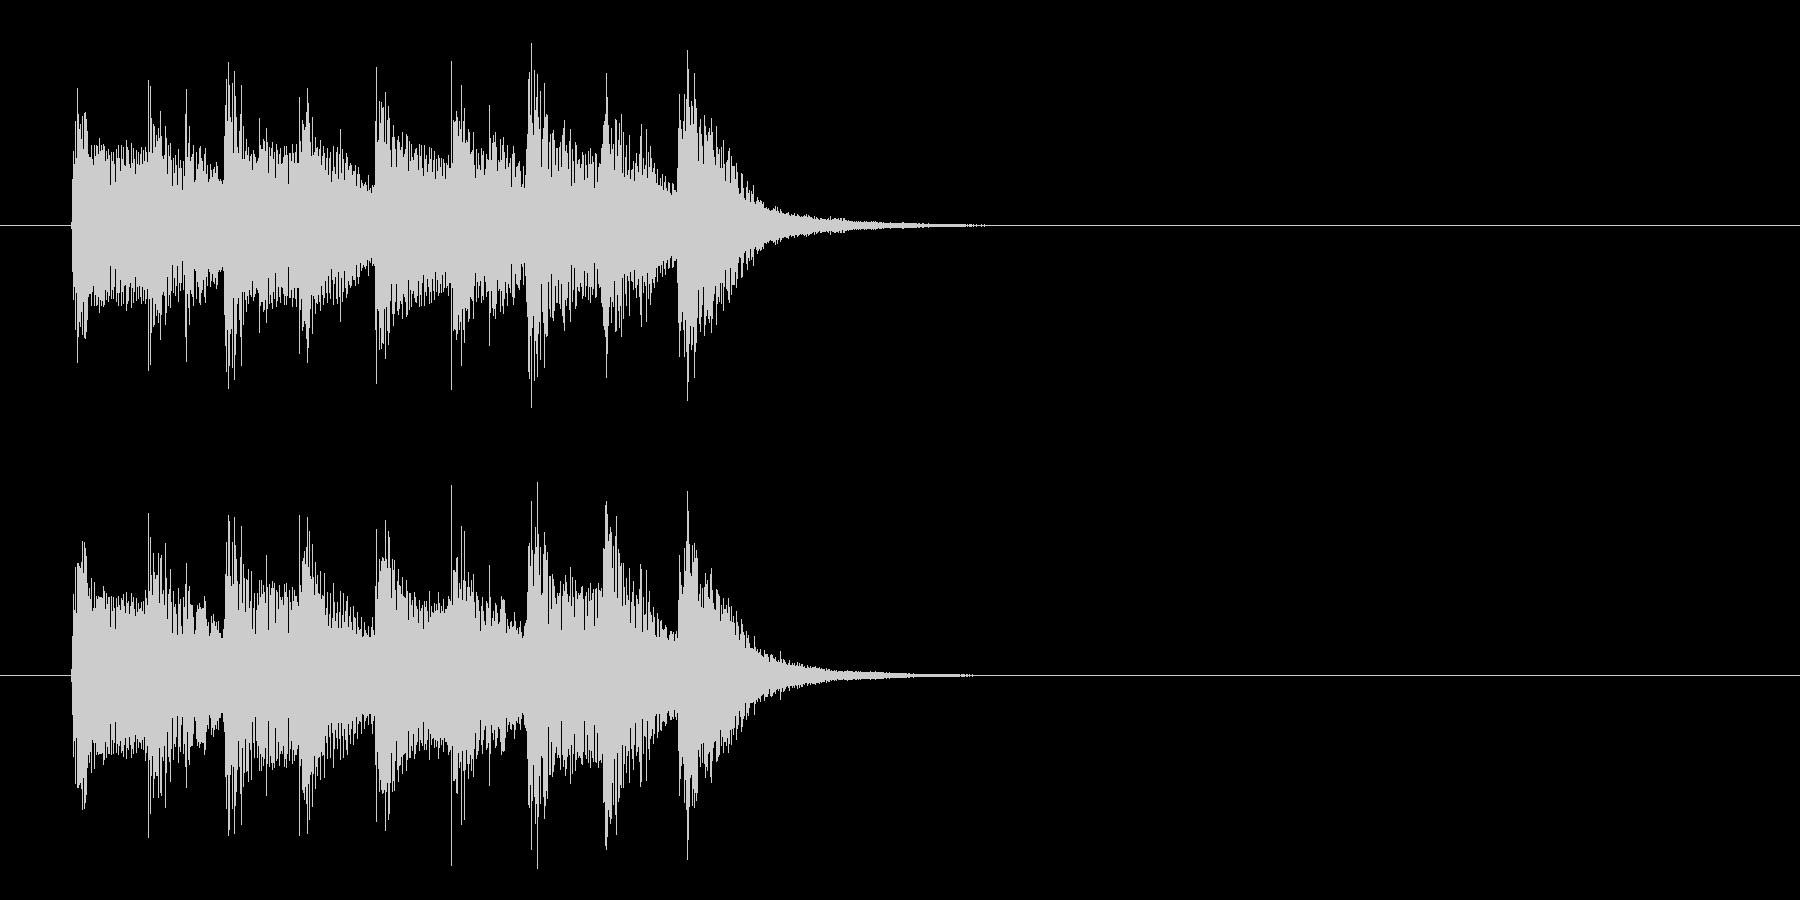 コーナー・タイトル風ワールド音楽の曲の未再生の波形